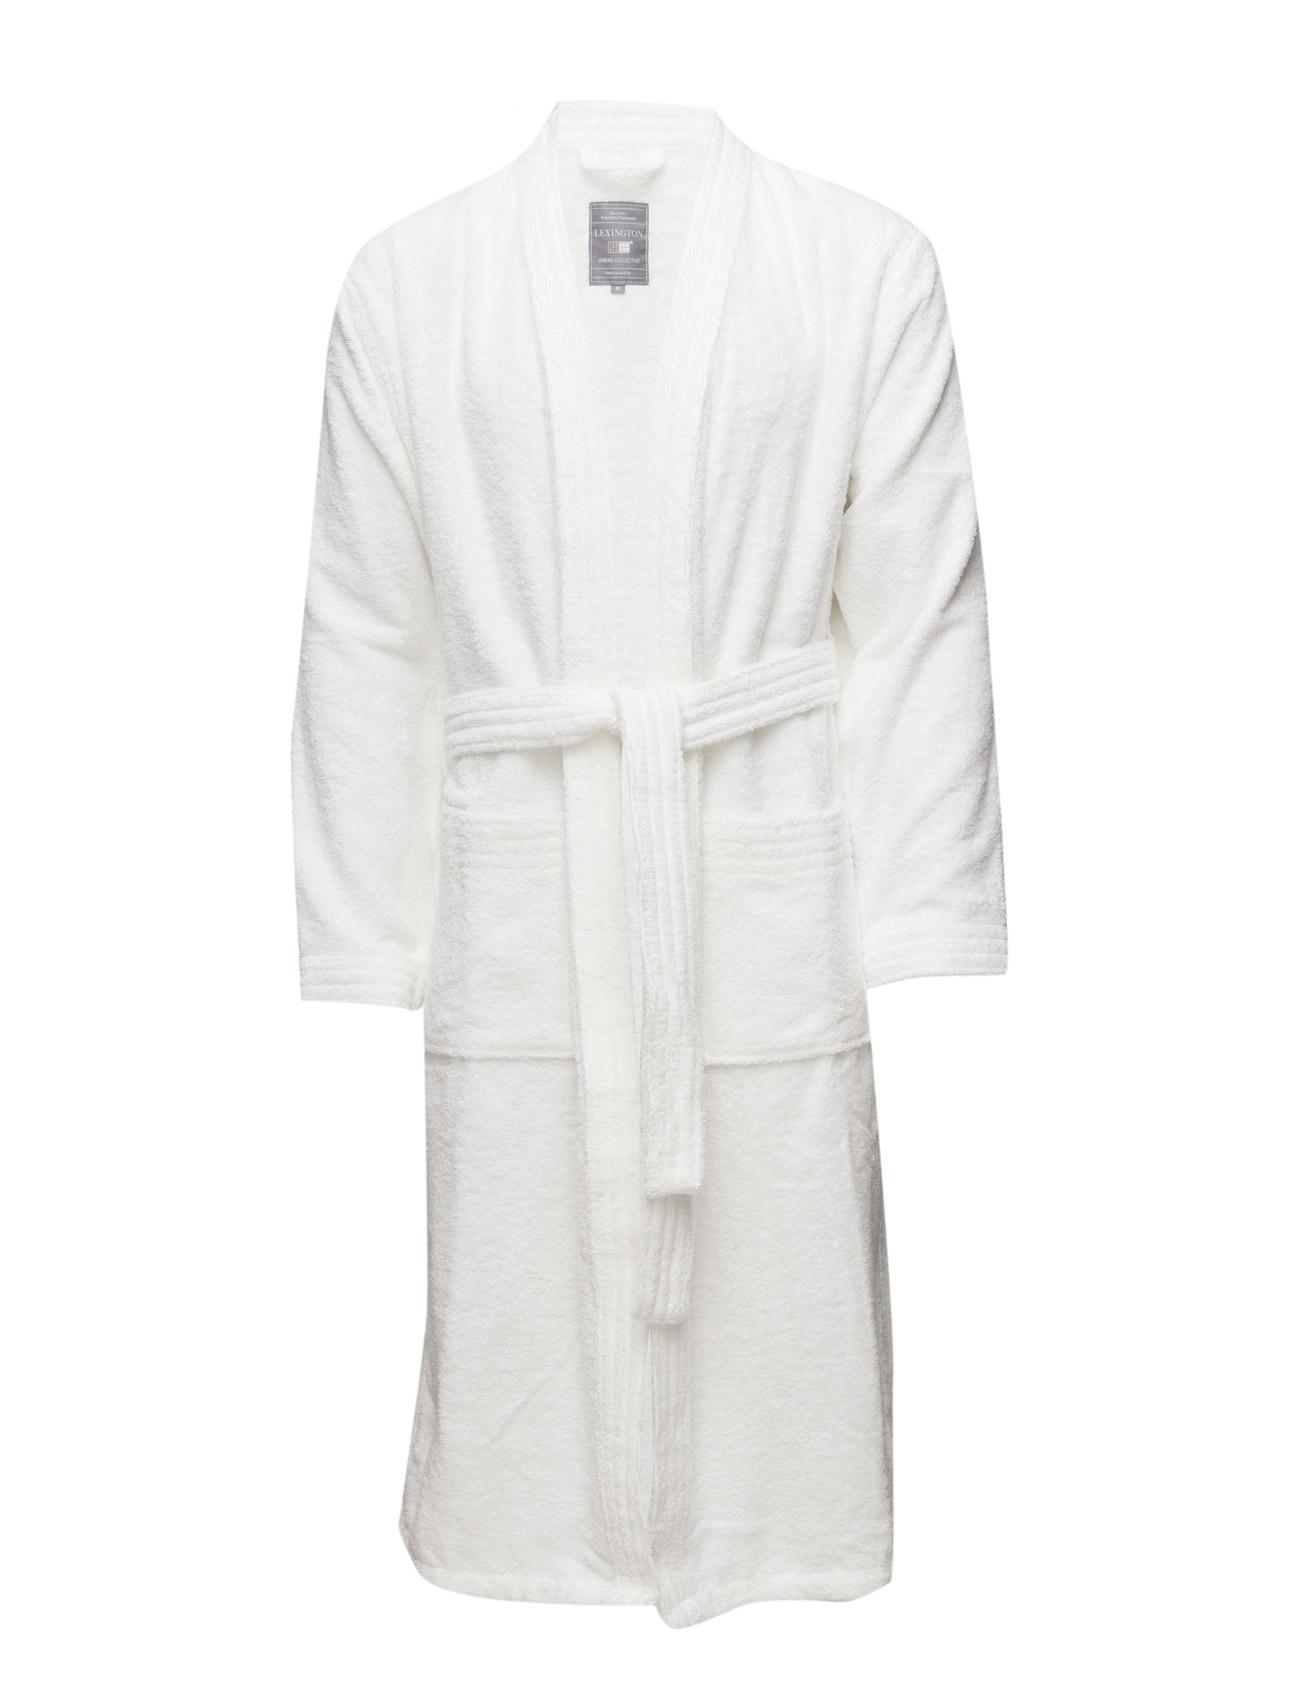 Urban Robe Lexington Company Home Hjem til Herrer i hvid